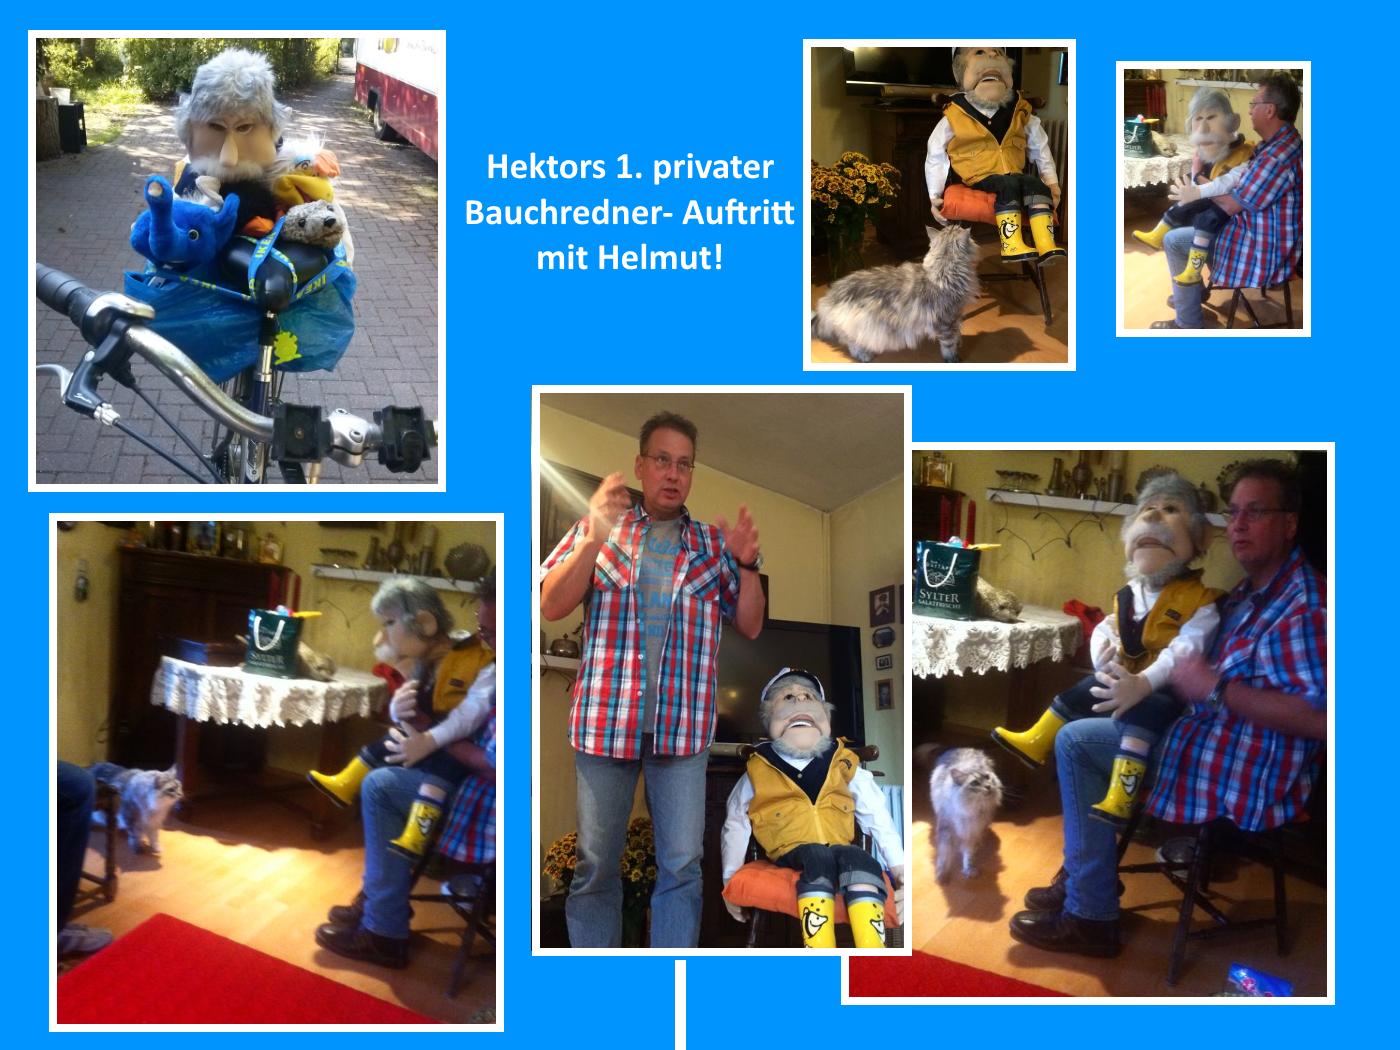 Hektor als Bauchredner mit Helmut!